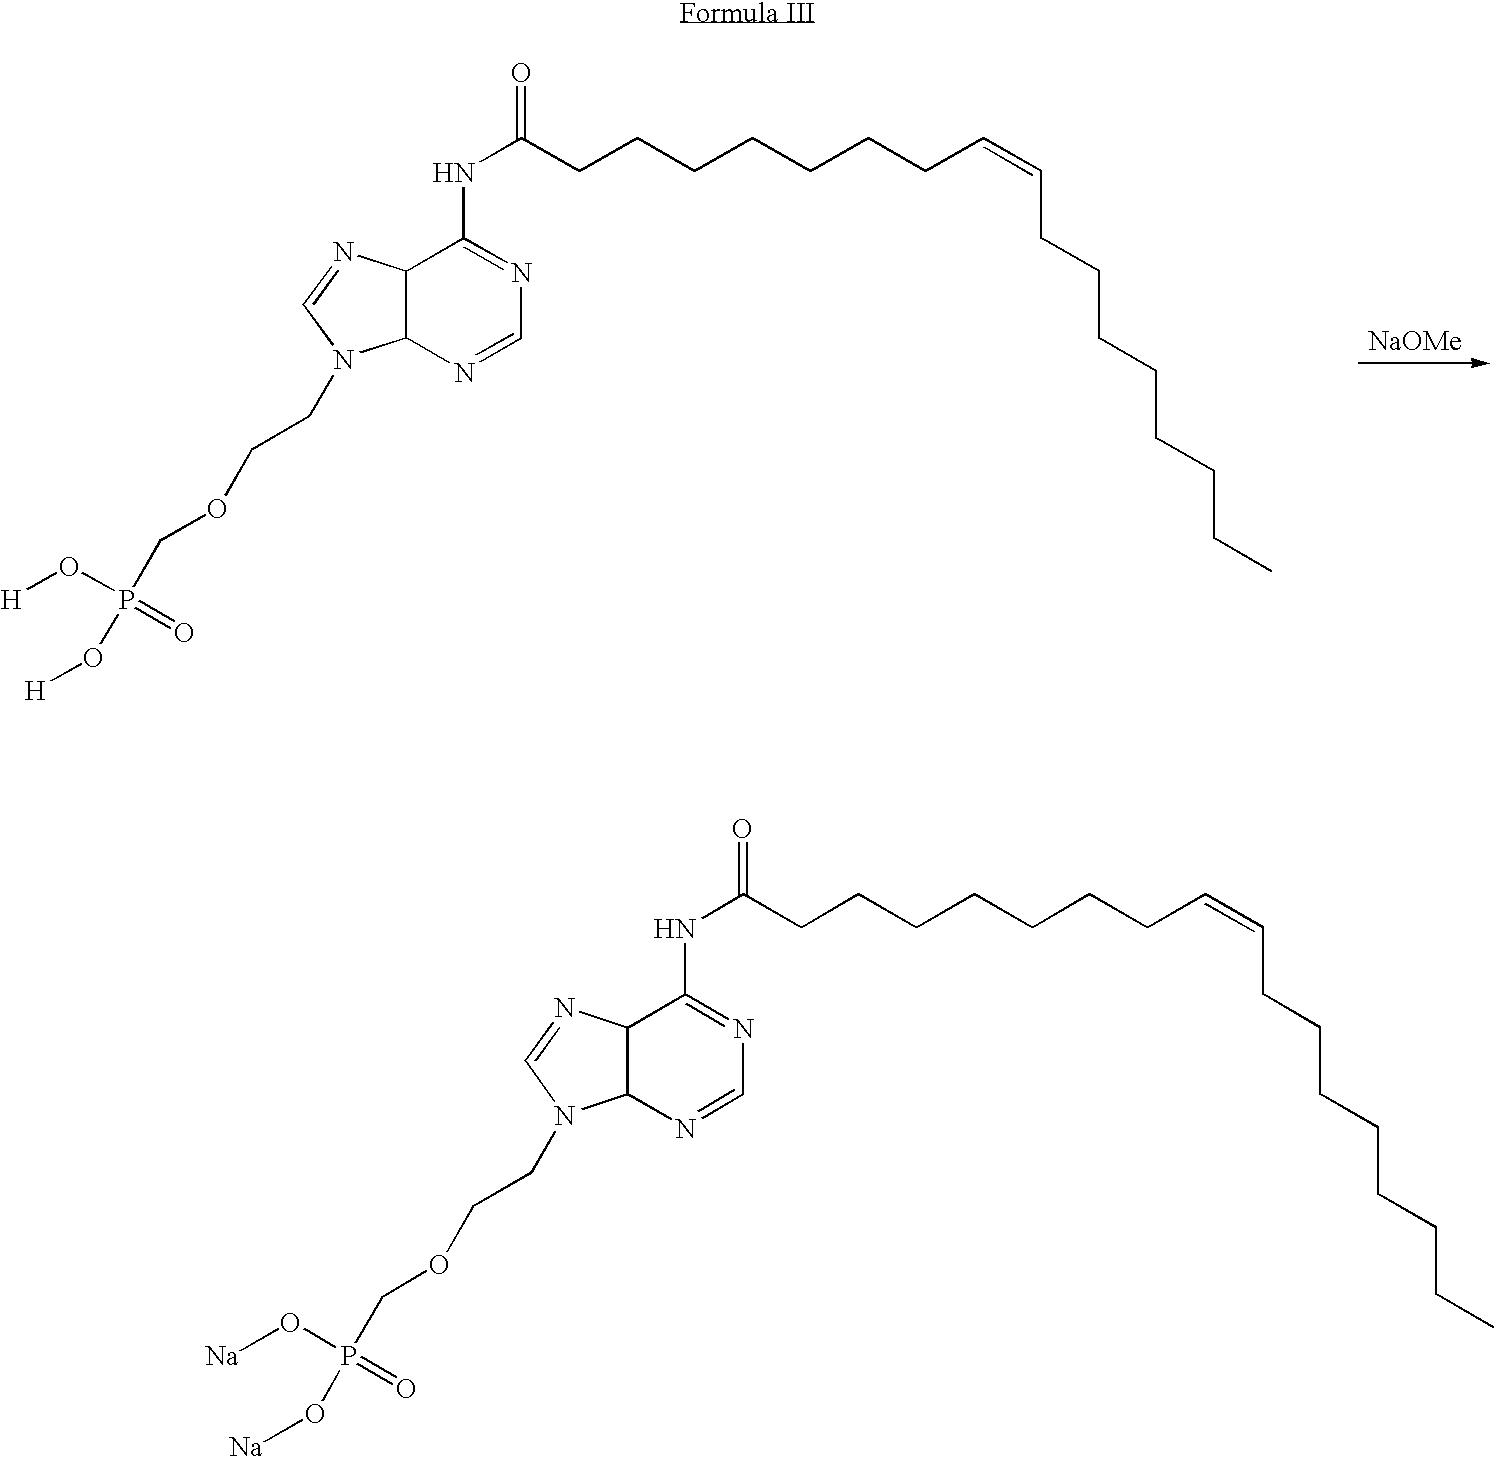 Figure US20090111774A1-20090430-C00011